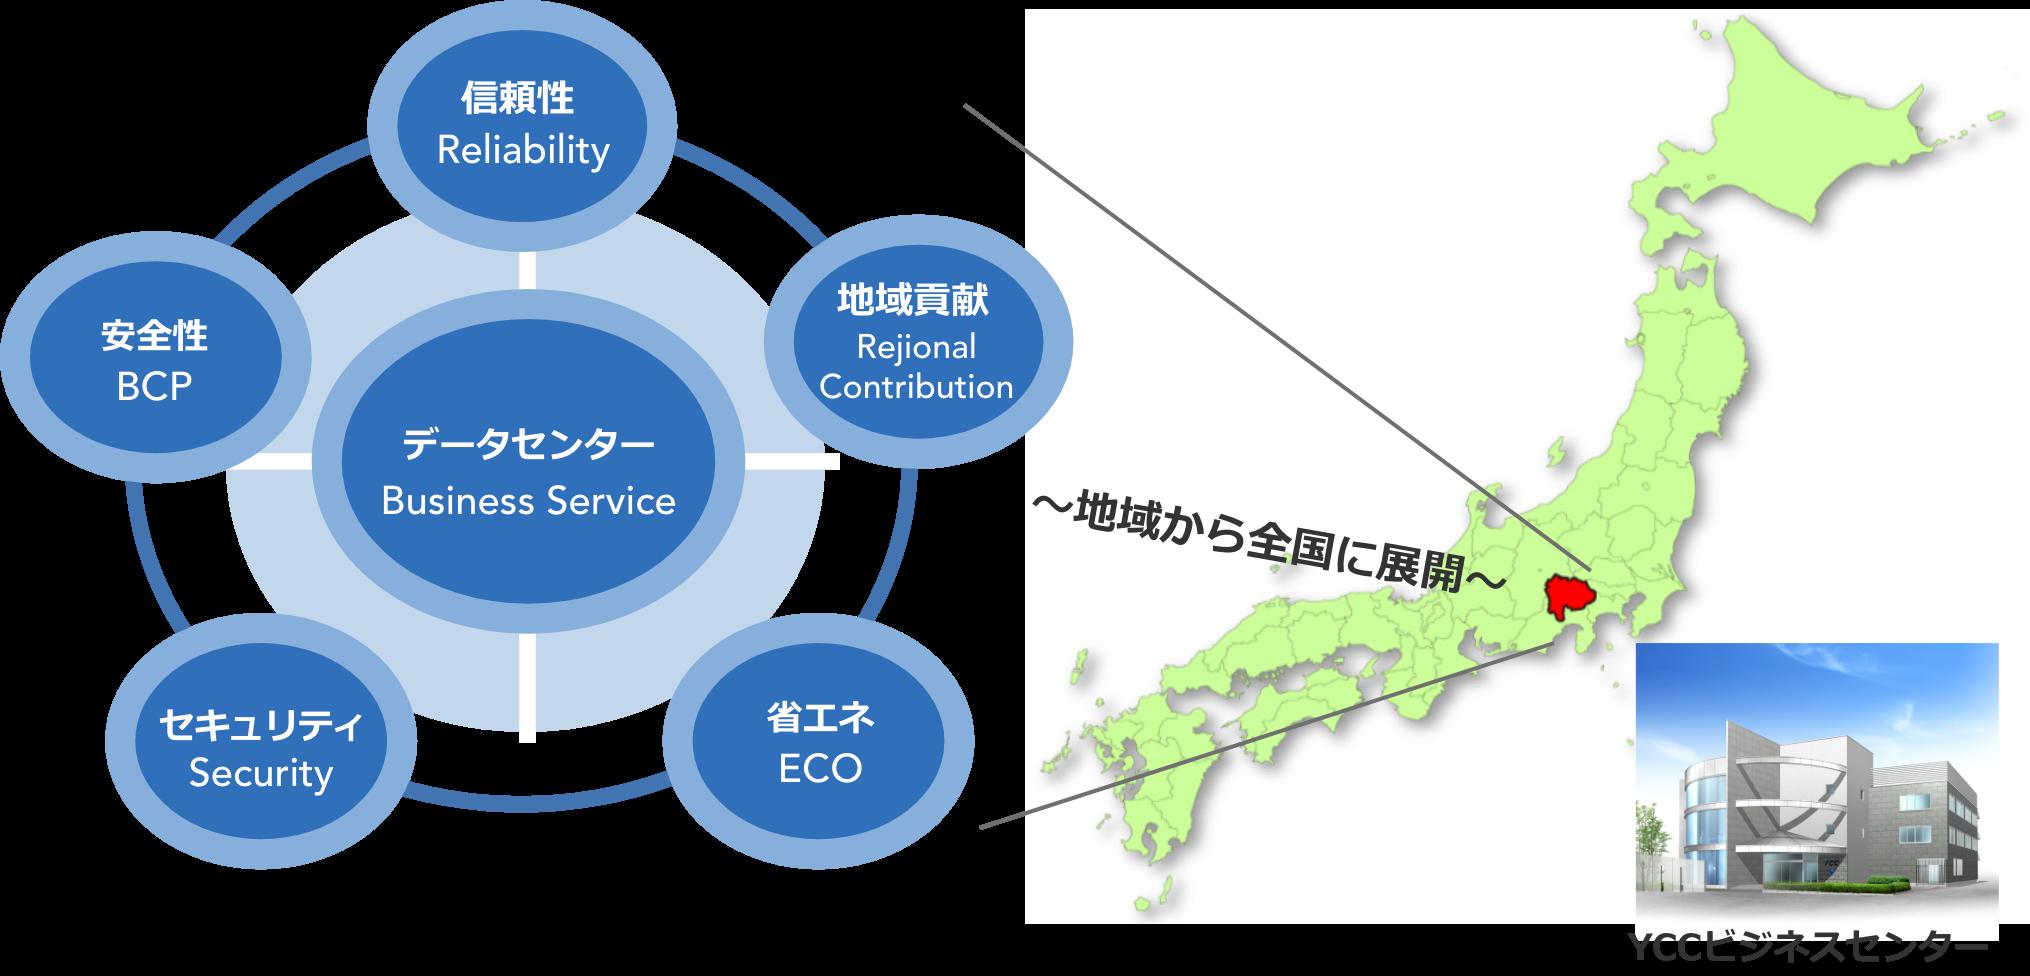 YCCビジネスセンター(新データセンター棟)基本コンセプトイメージイラスト;信頼性、安全性、セキュリティ、省エネ(ECO、地域貢献の5つを基本コンセプトとし、全国最先端の大手DCと連携し、ONE-DCプラットフォームでの構築。地域から全国に展開します。